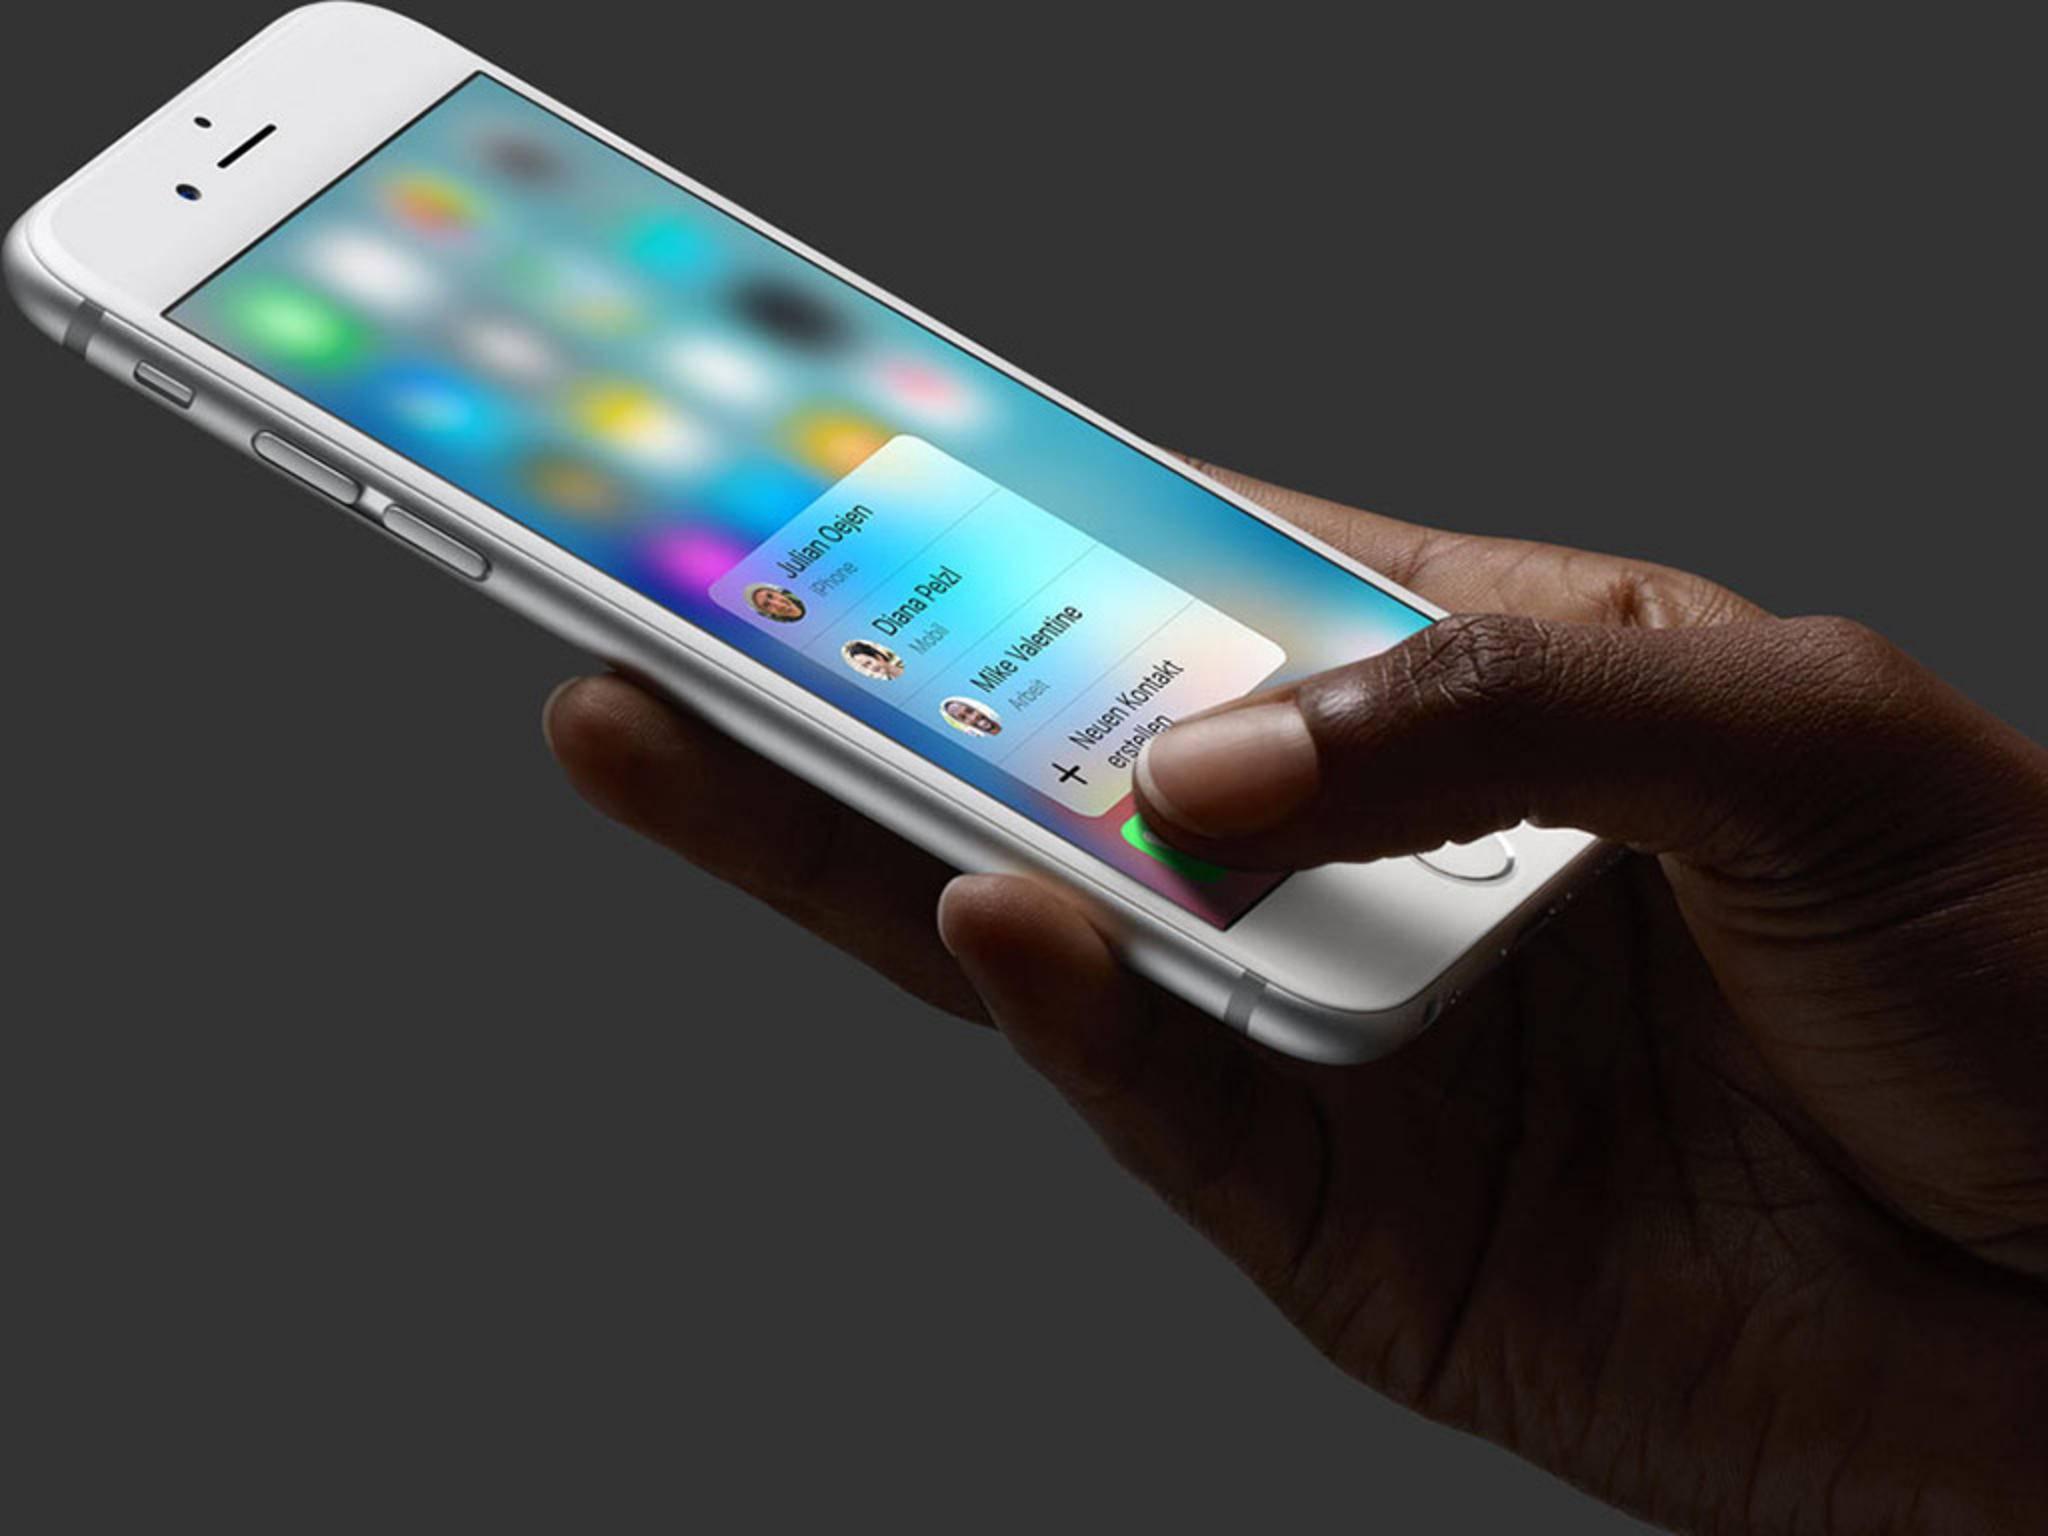 Das iPhone 6s dürfte für Apple wieder ein Verkaufsschlager werden.